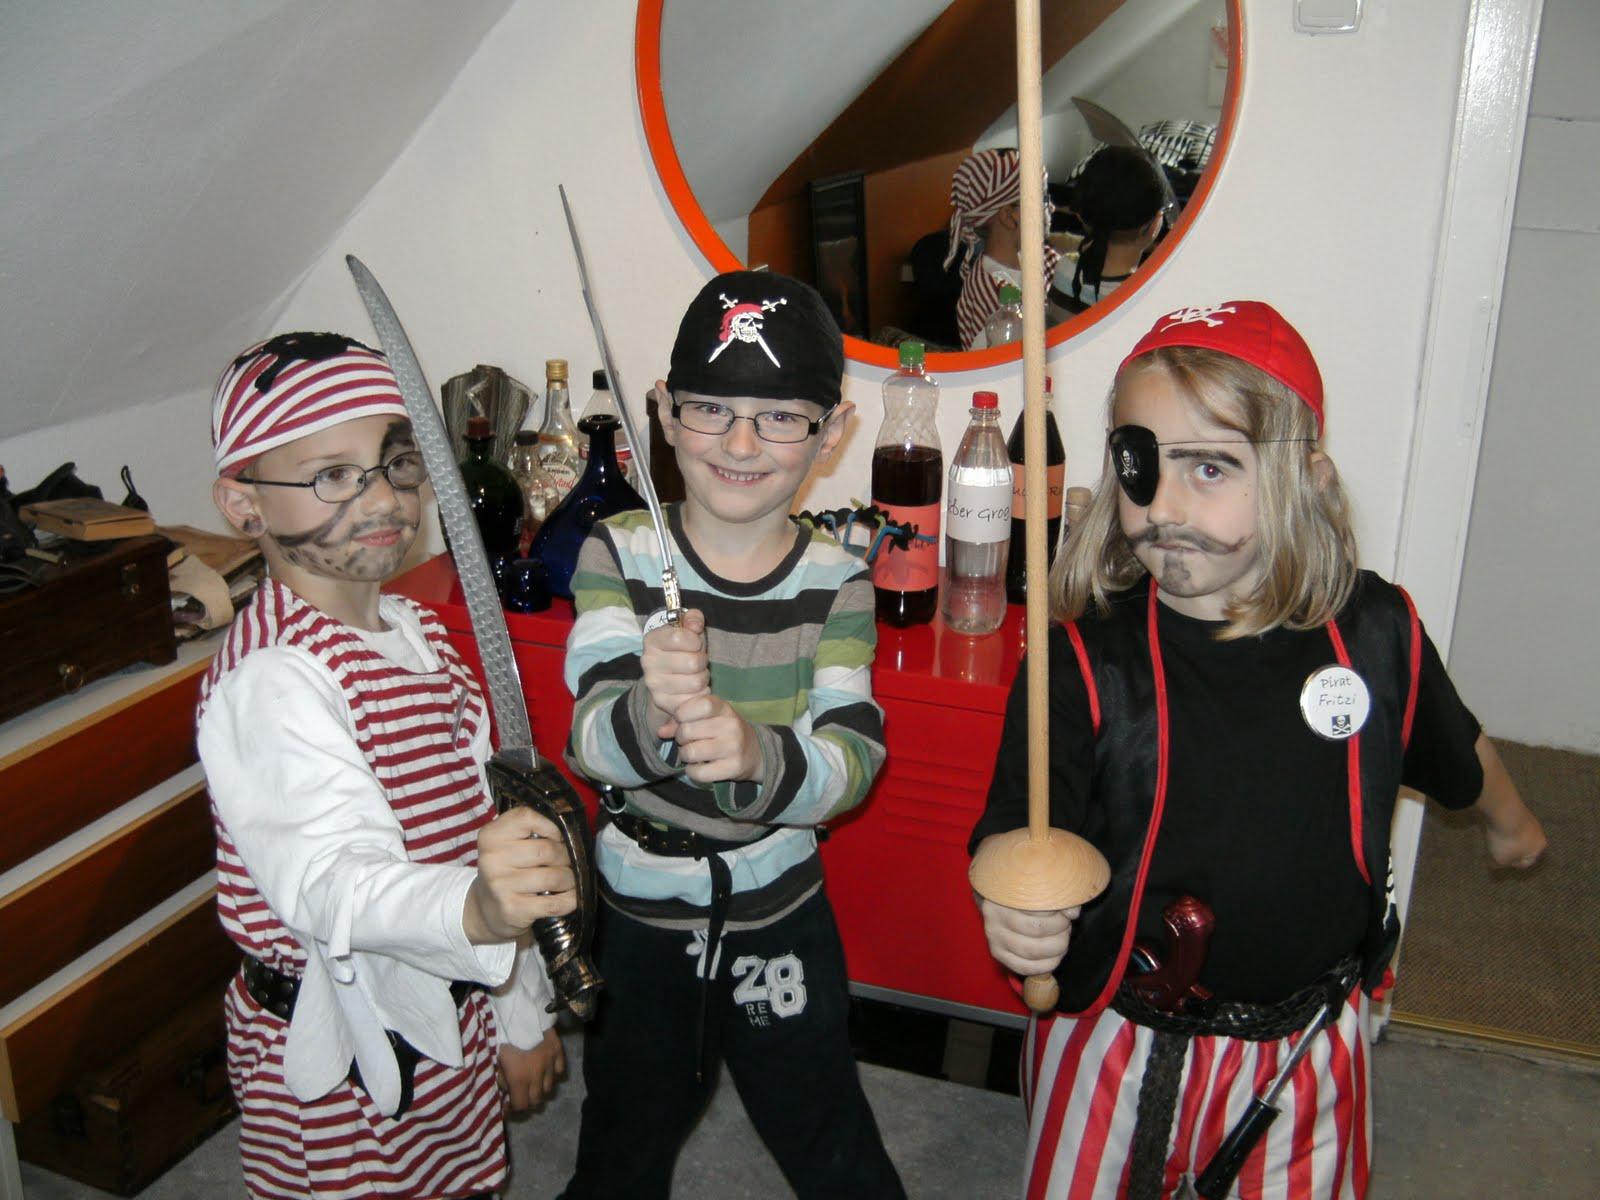 http://1.bp.blogspot.com/-UcpwKiD5qiU/Tc_yU1jkqrI/AAAAAAAAAvo/HfqTNdZWI7E/s1600/Party+1.JPG